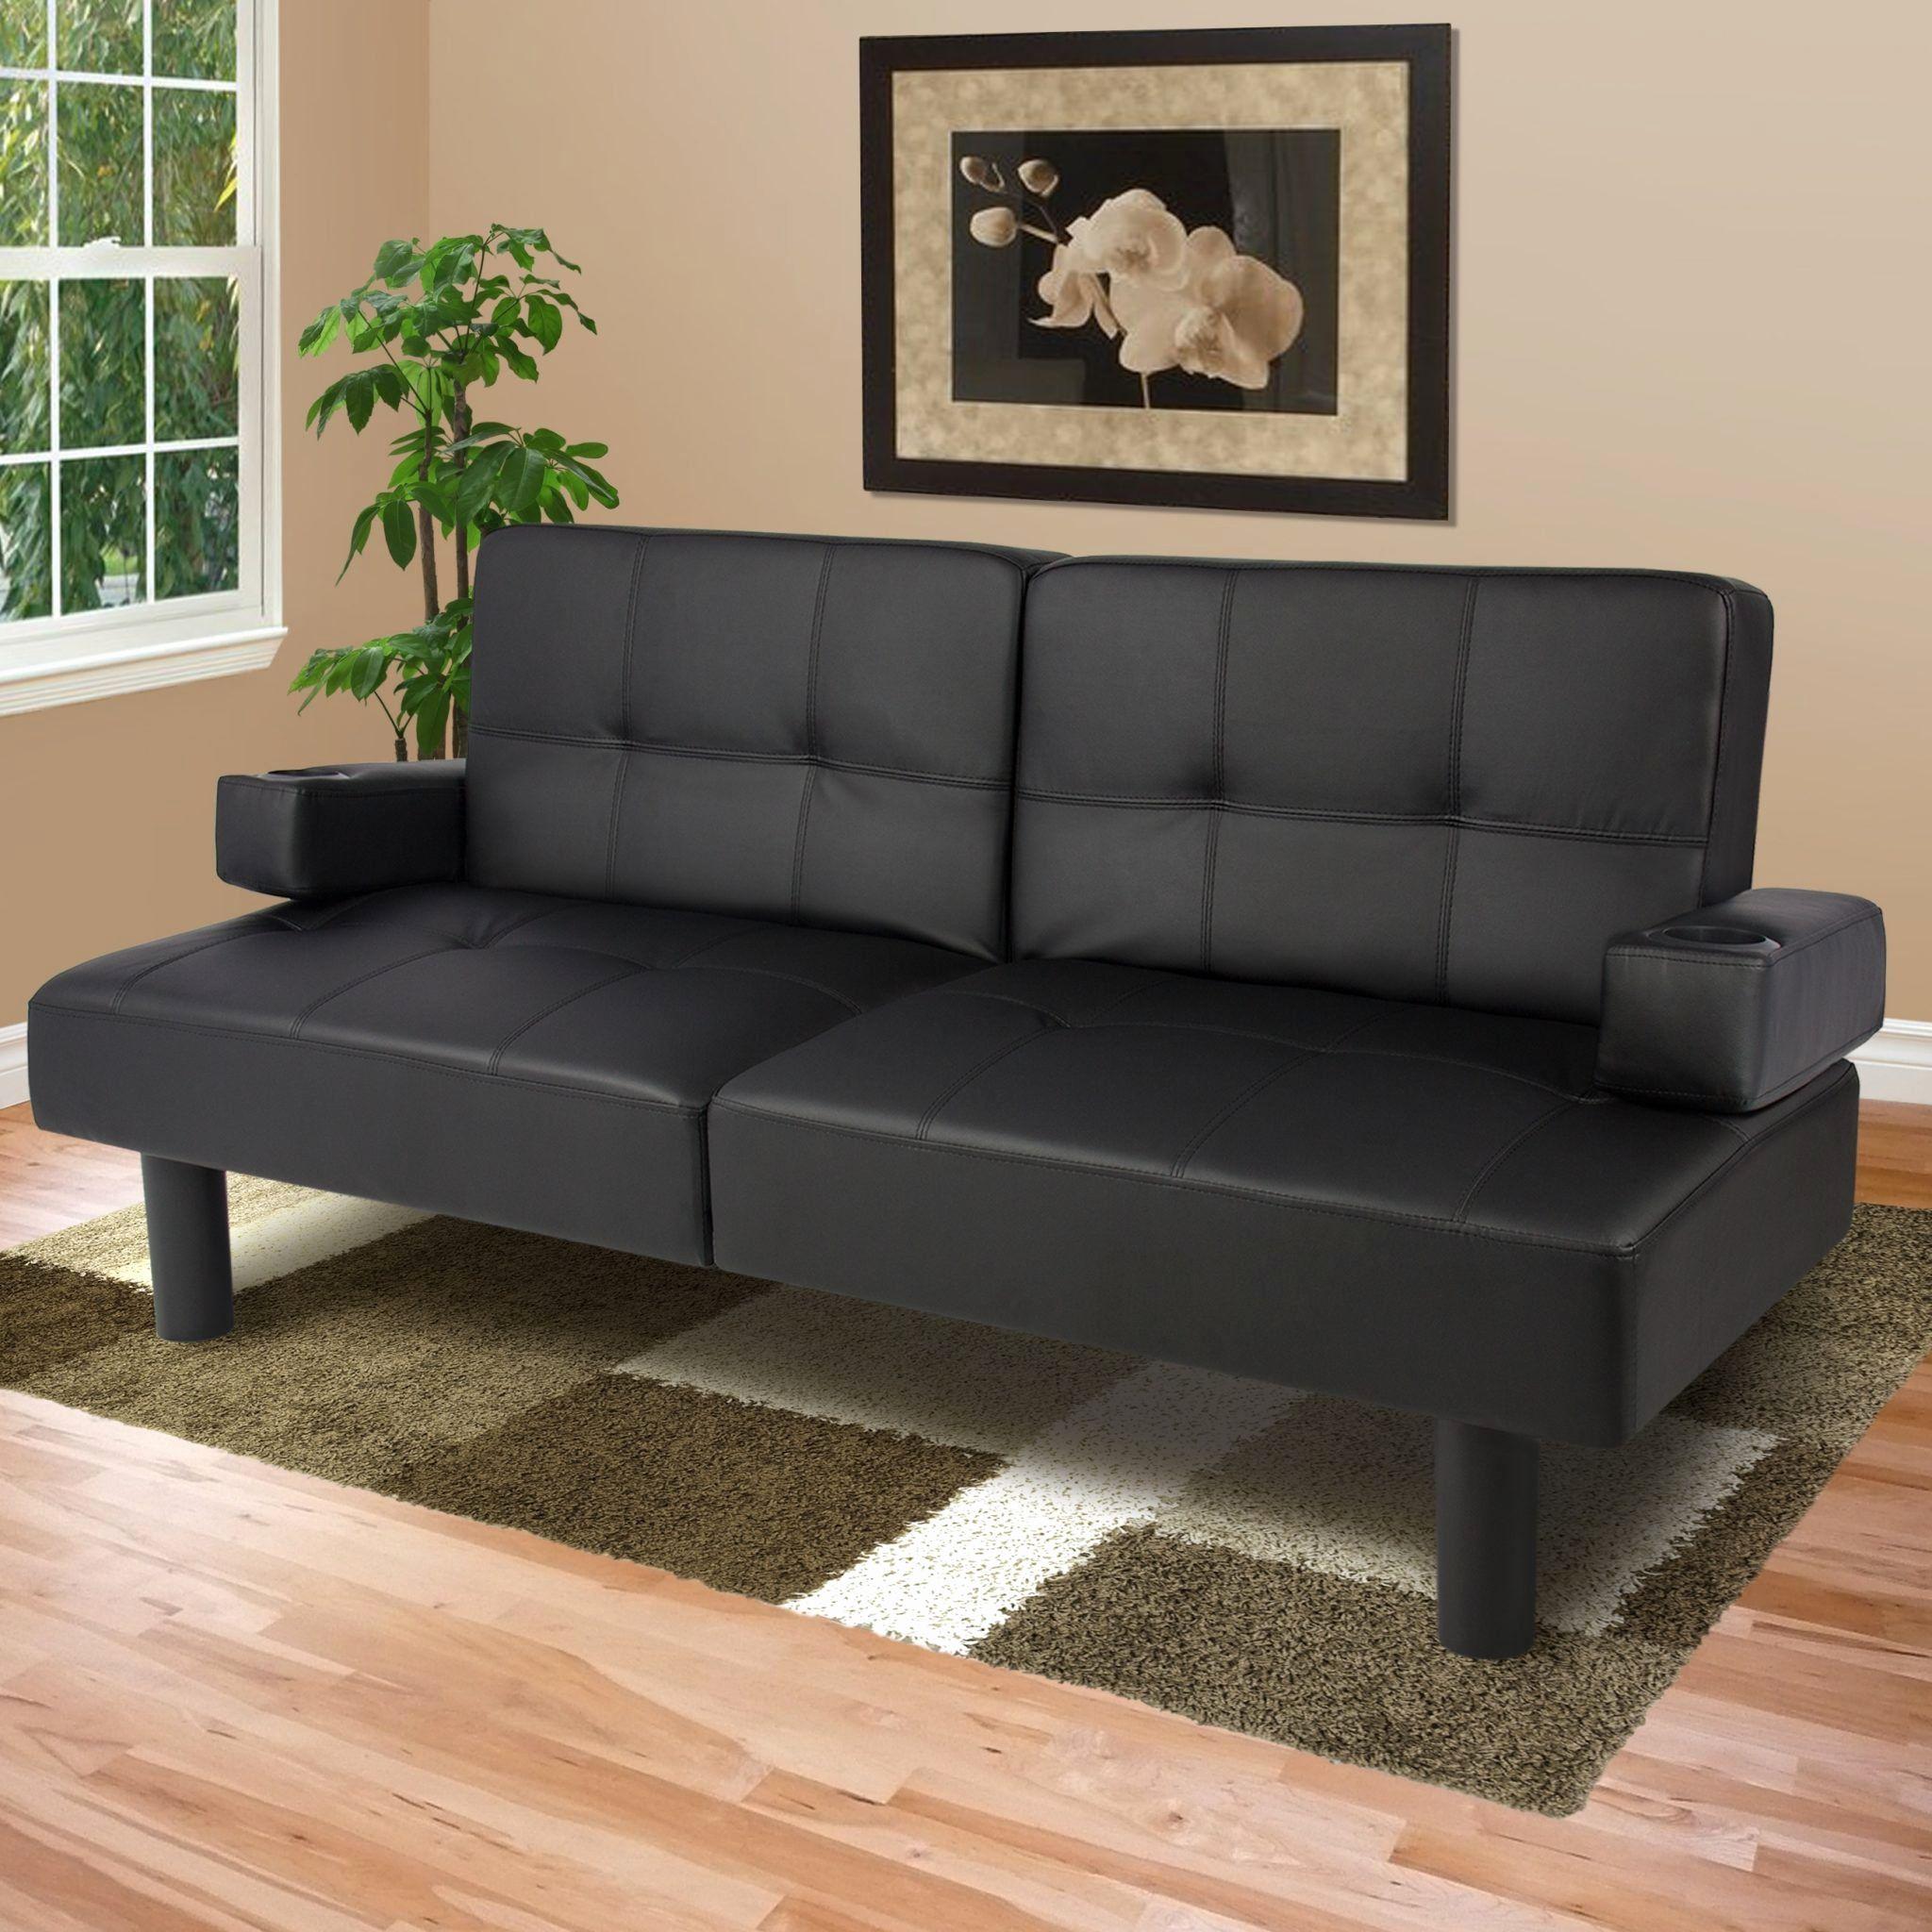 Best Sleeper Sofa Mattress Replacement Photograpy Rh Pinterest Com